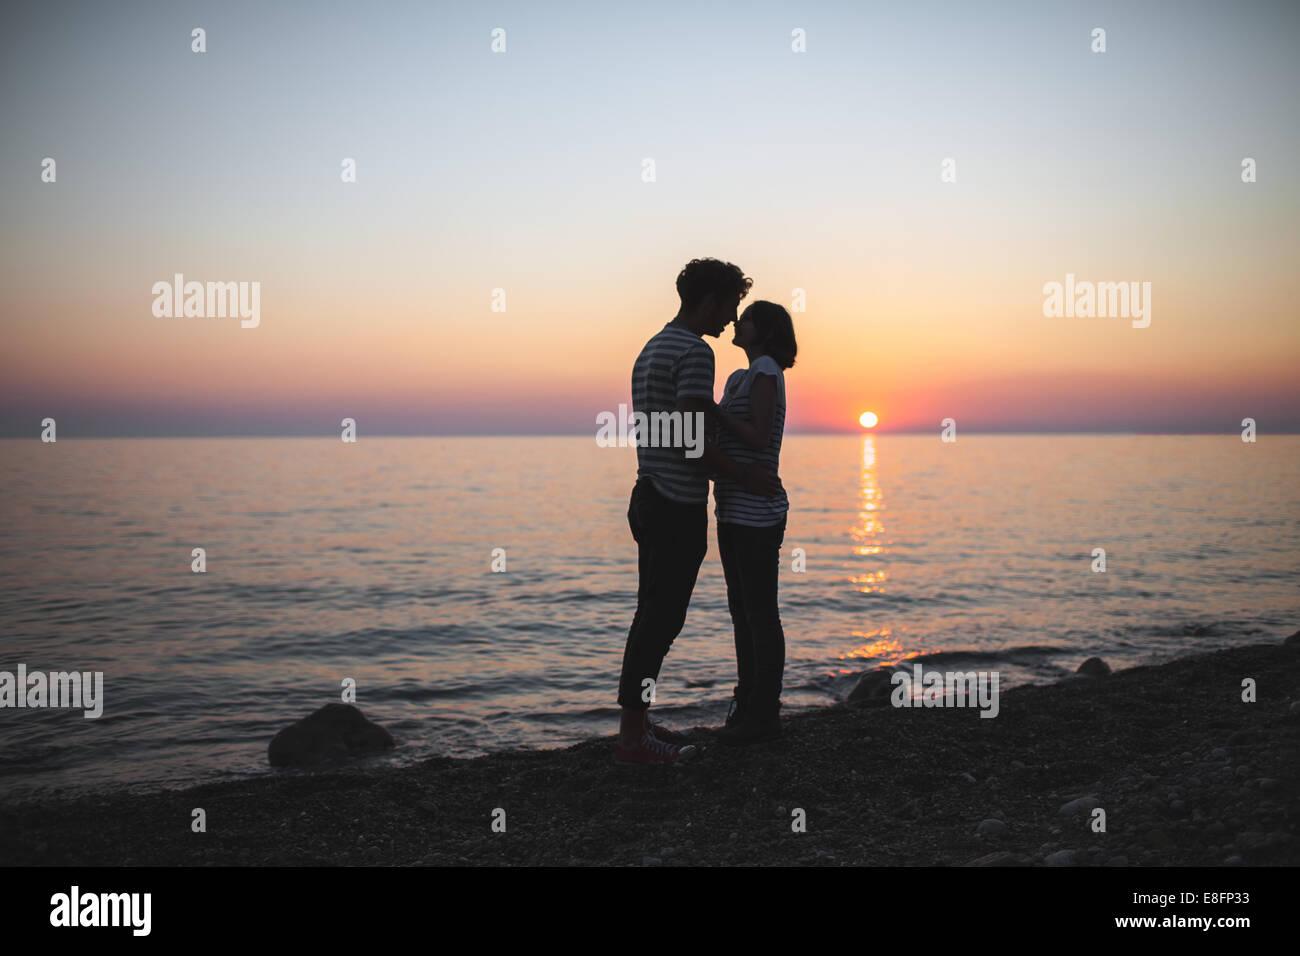 Adolescents (14-15) serrant les uns les autres au coucher du soleil Photo Stock